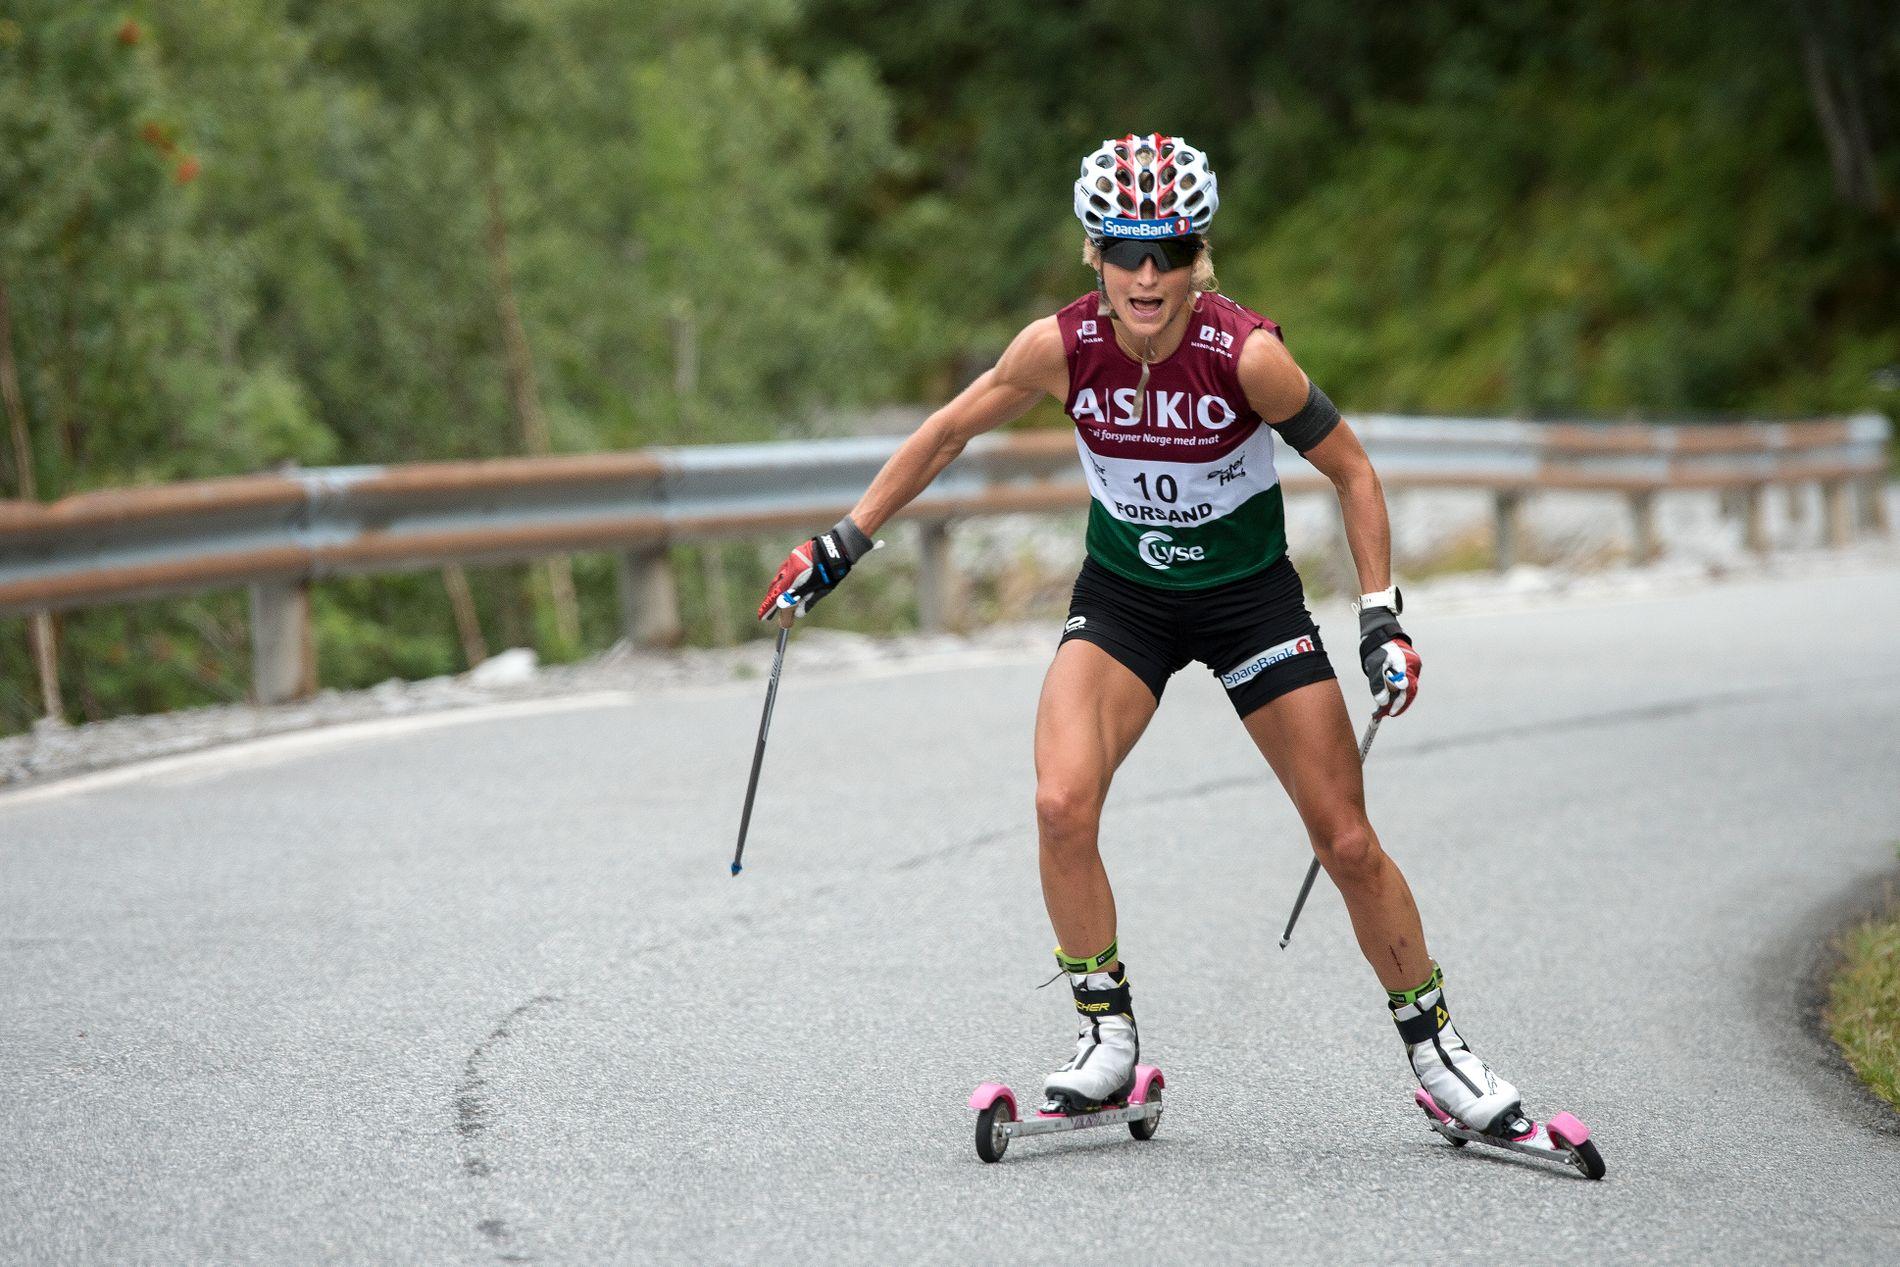 Storstjernen Therese Johaug i aksjon i Lysebotn opp. Det ga skyhøye seertall for NRK.